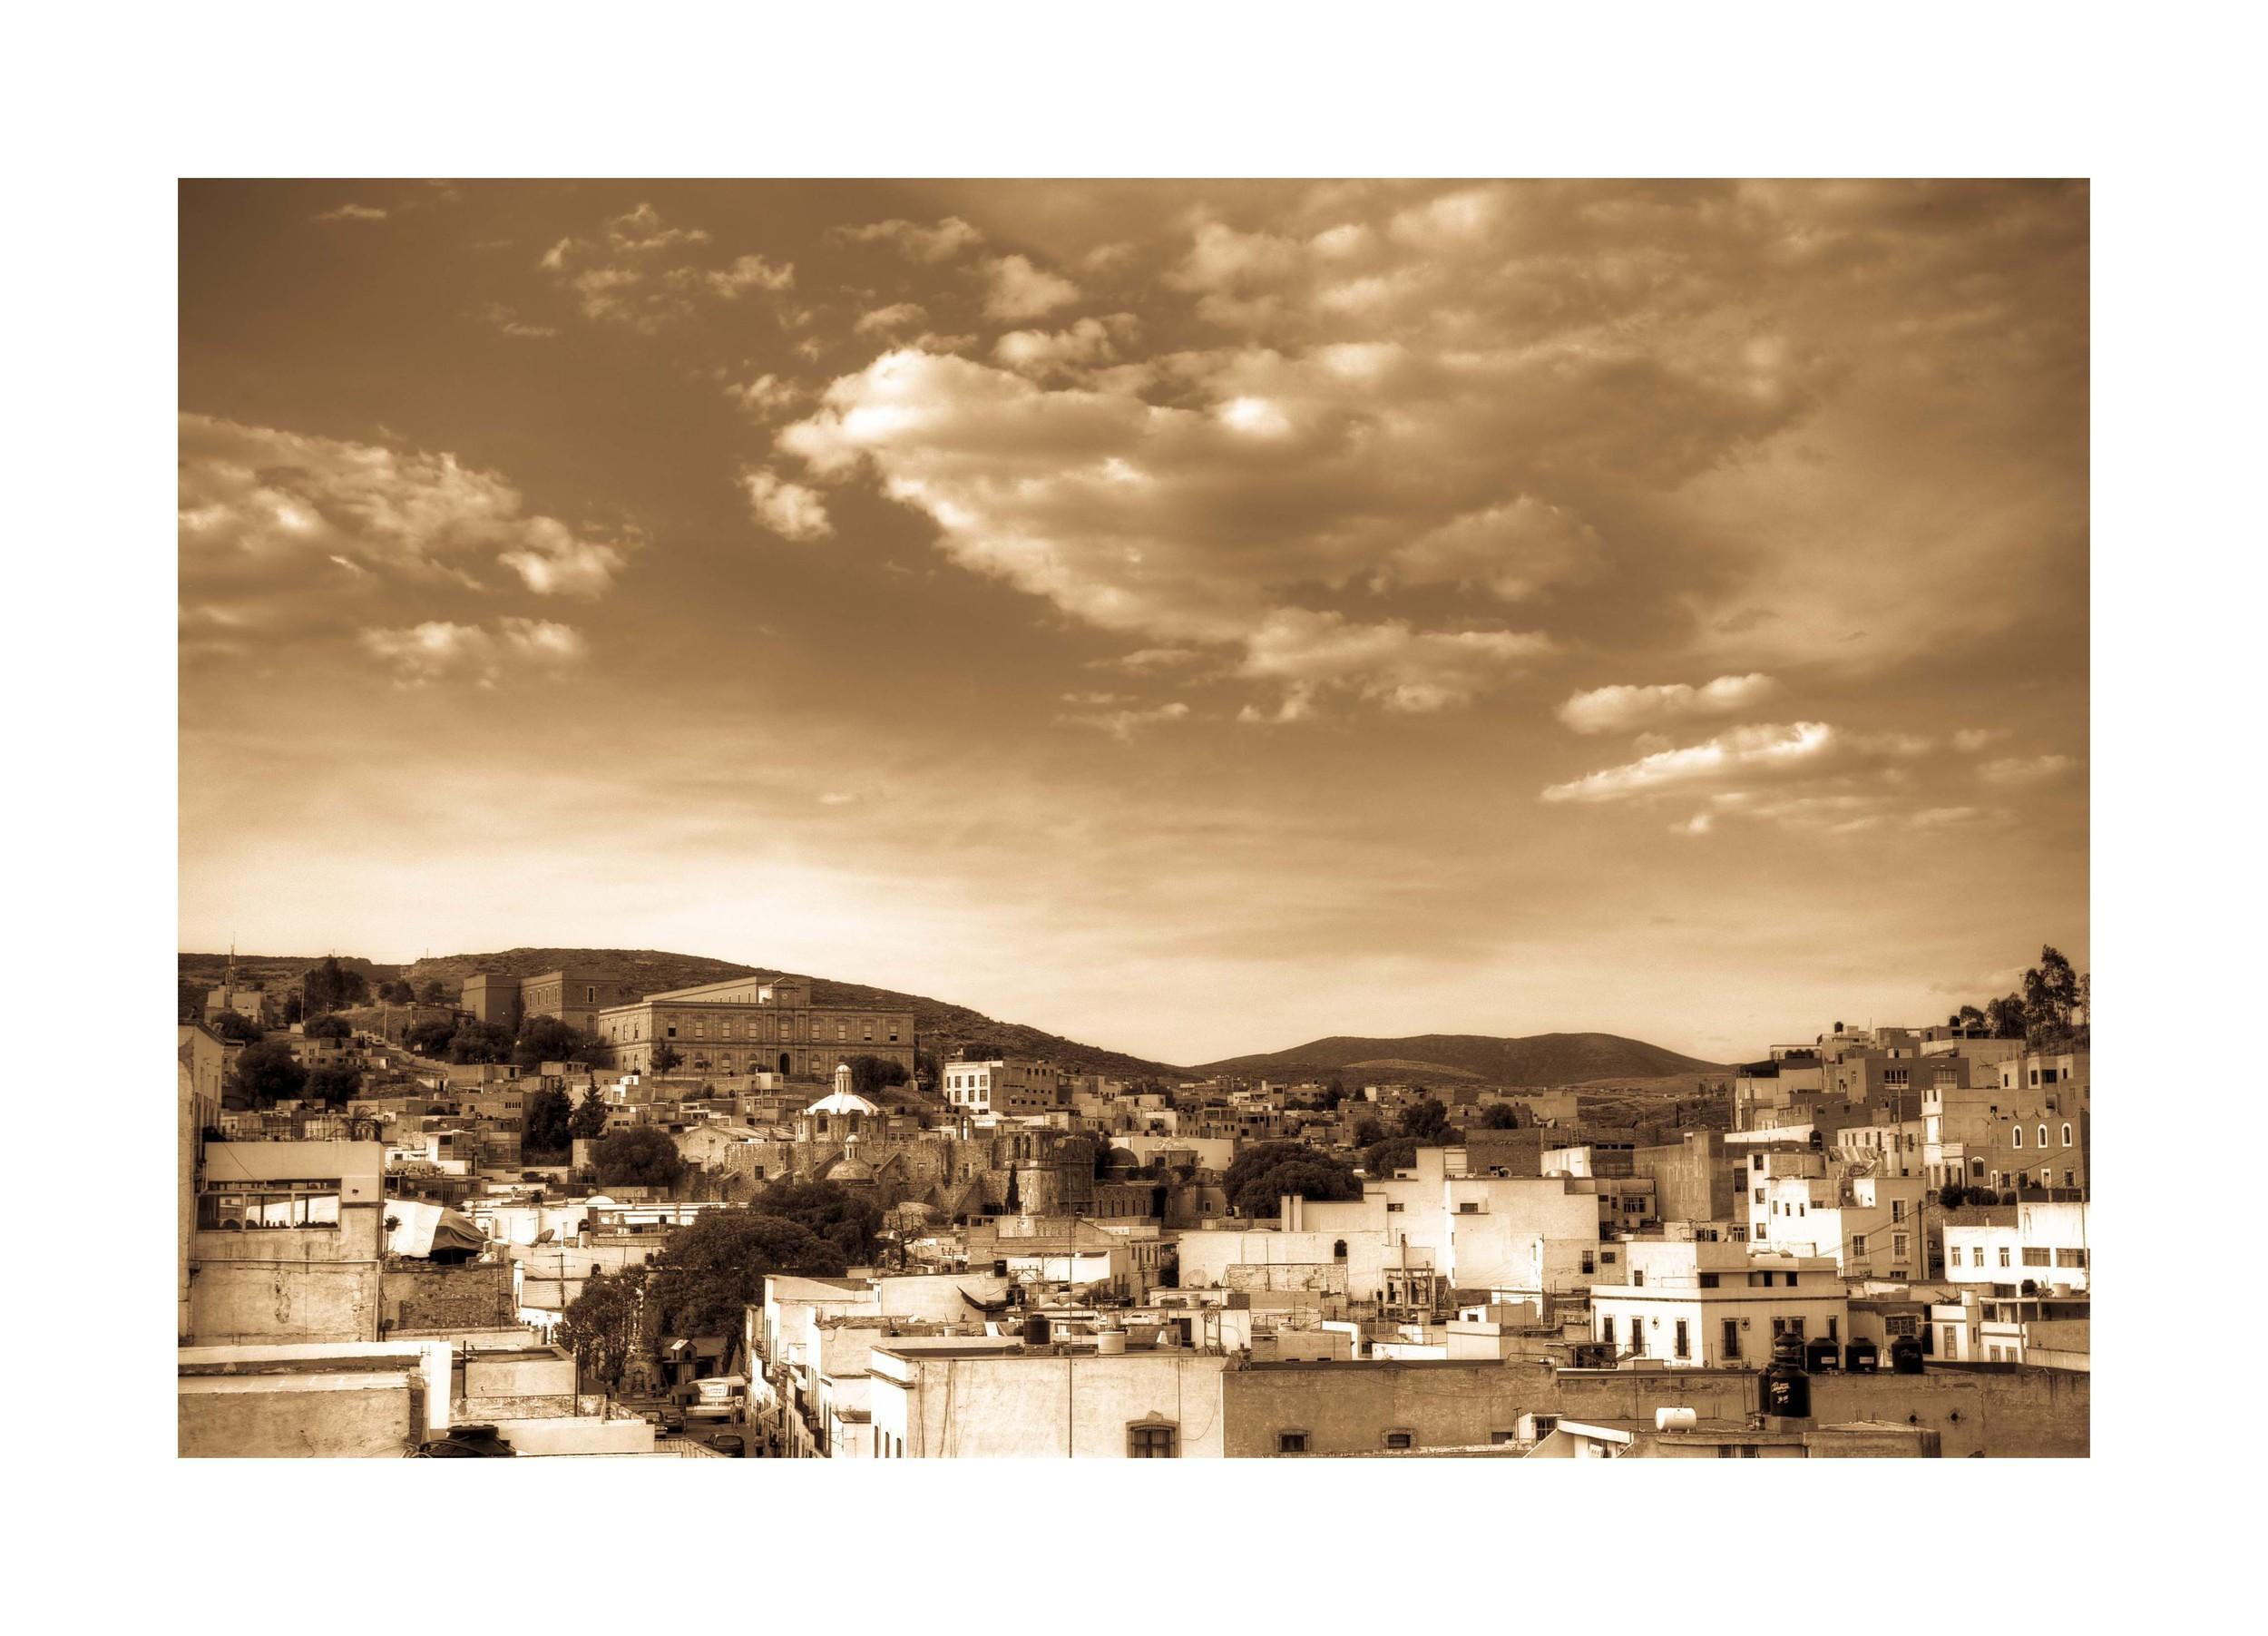 Zacatecas_2.jpg